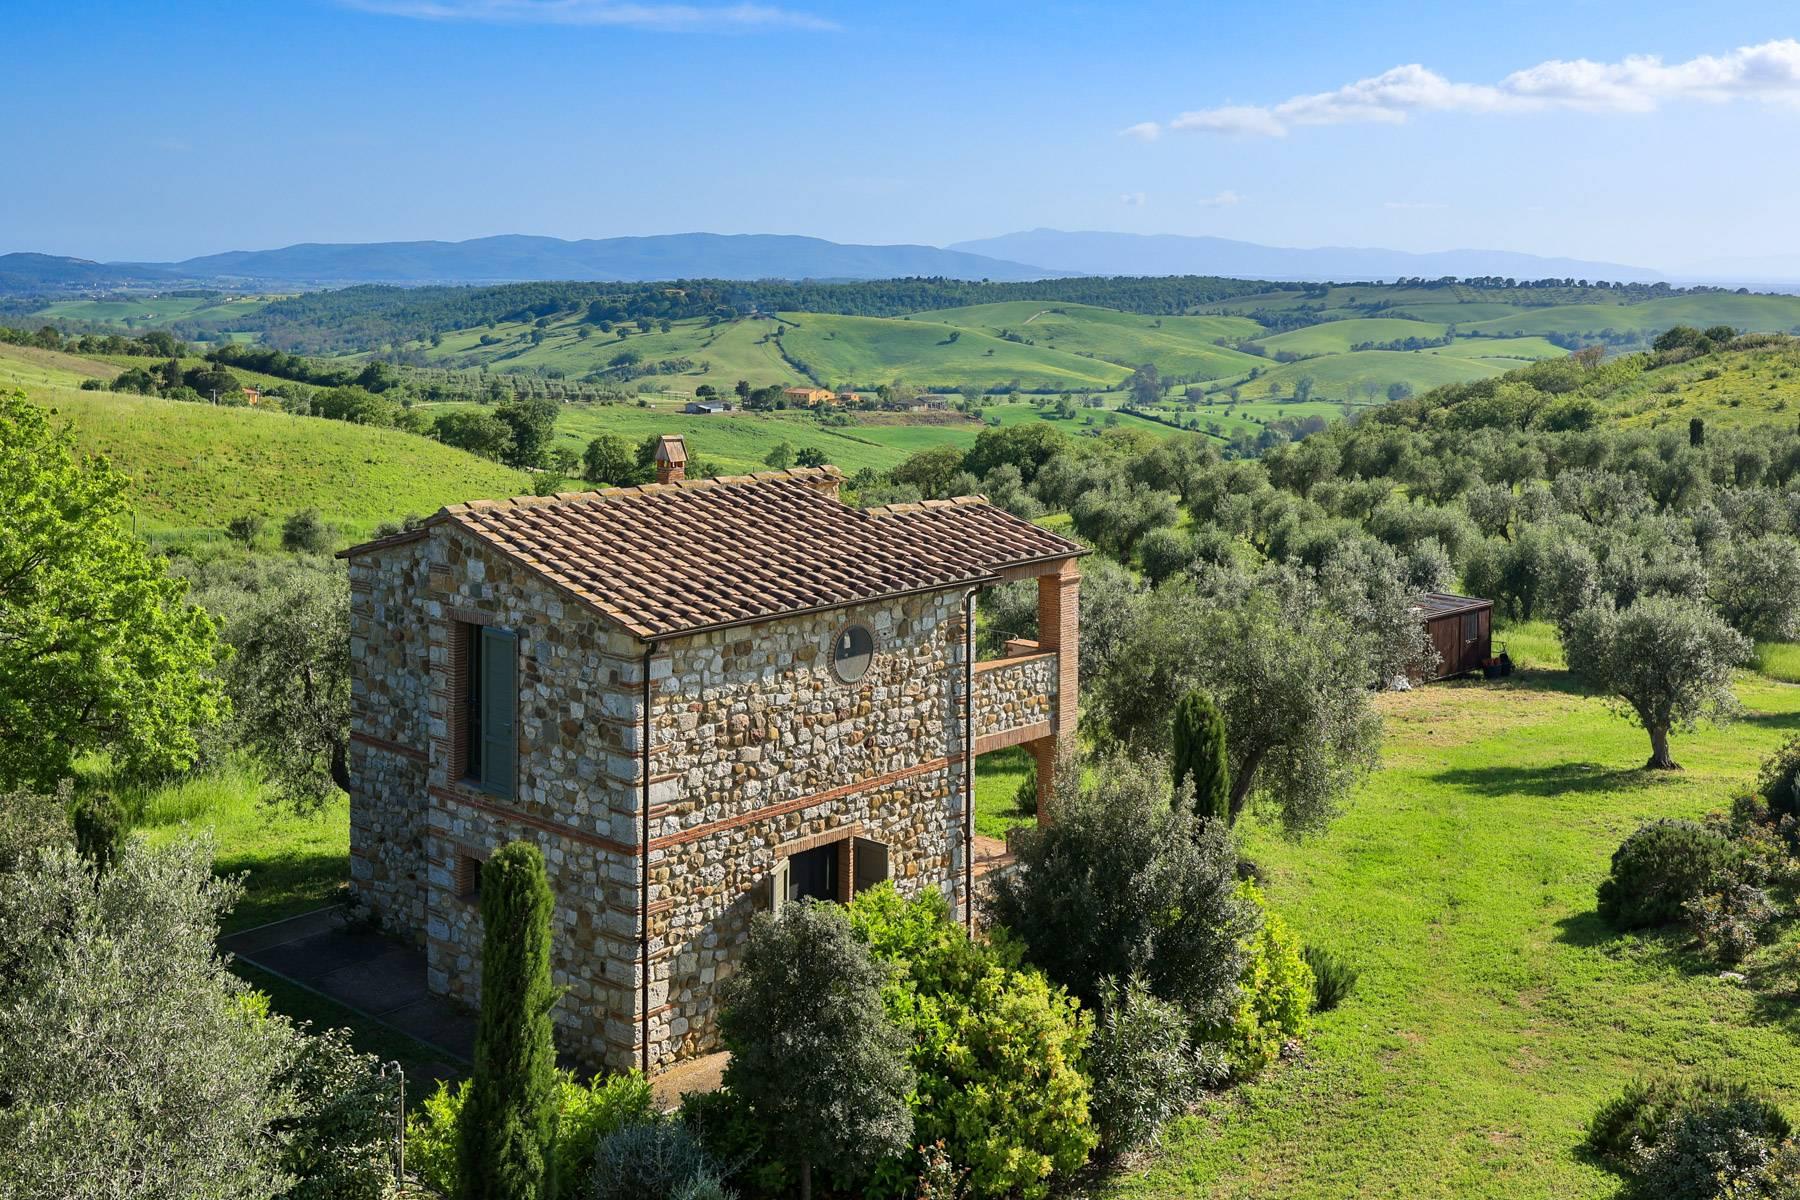 Rustico in Vendita a Magliano In Toscana: 5 locali, 1044 mq - Foto 18